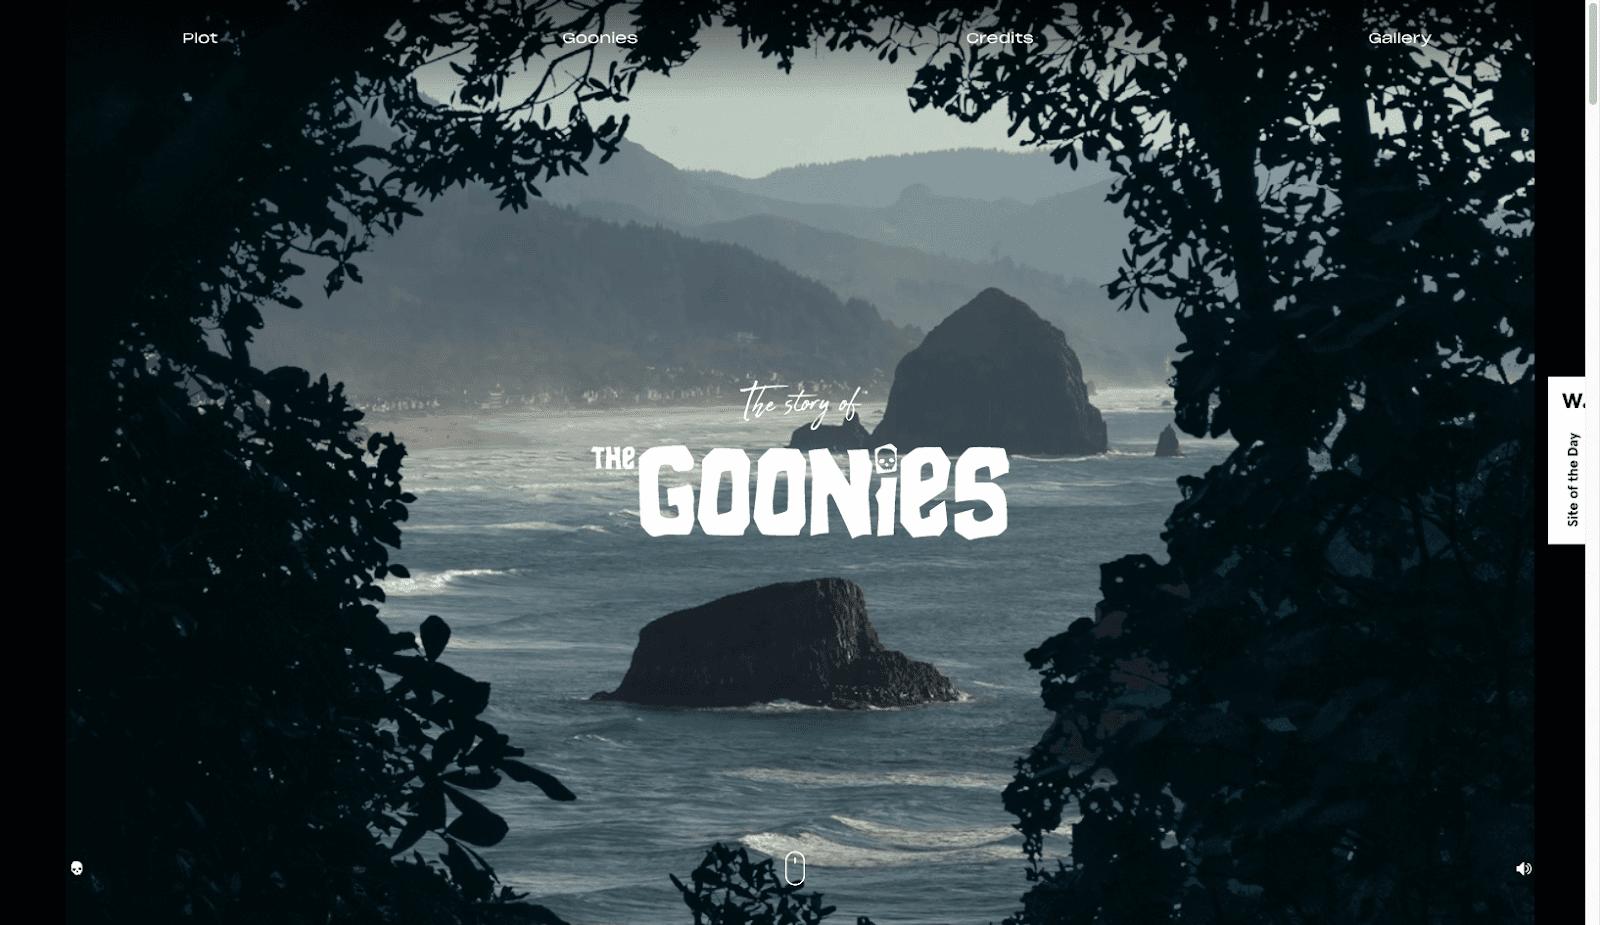 The Goonies website